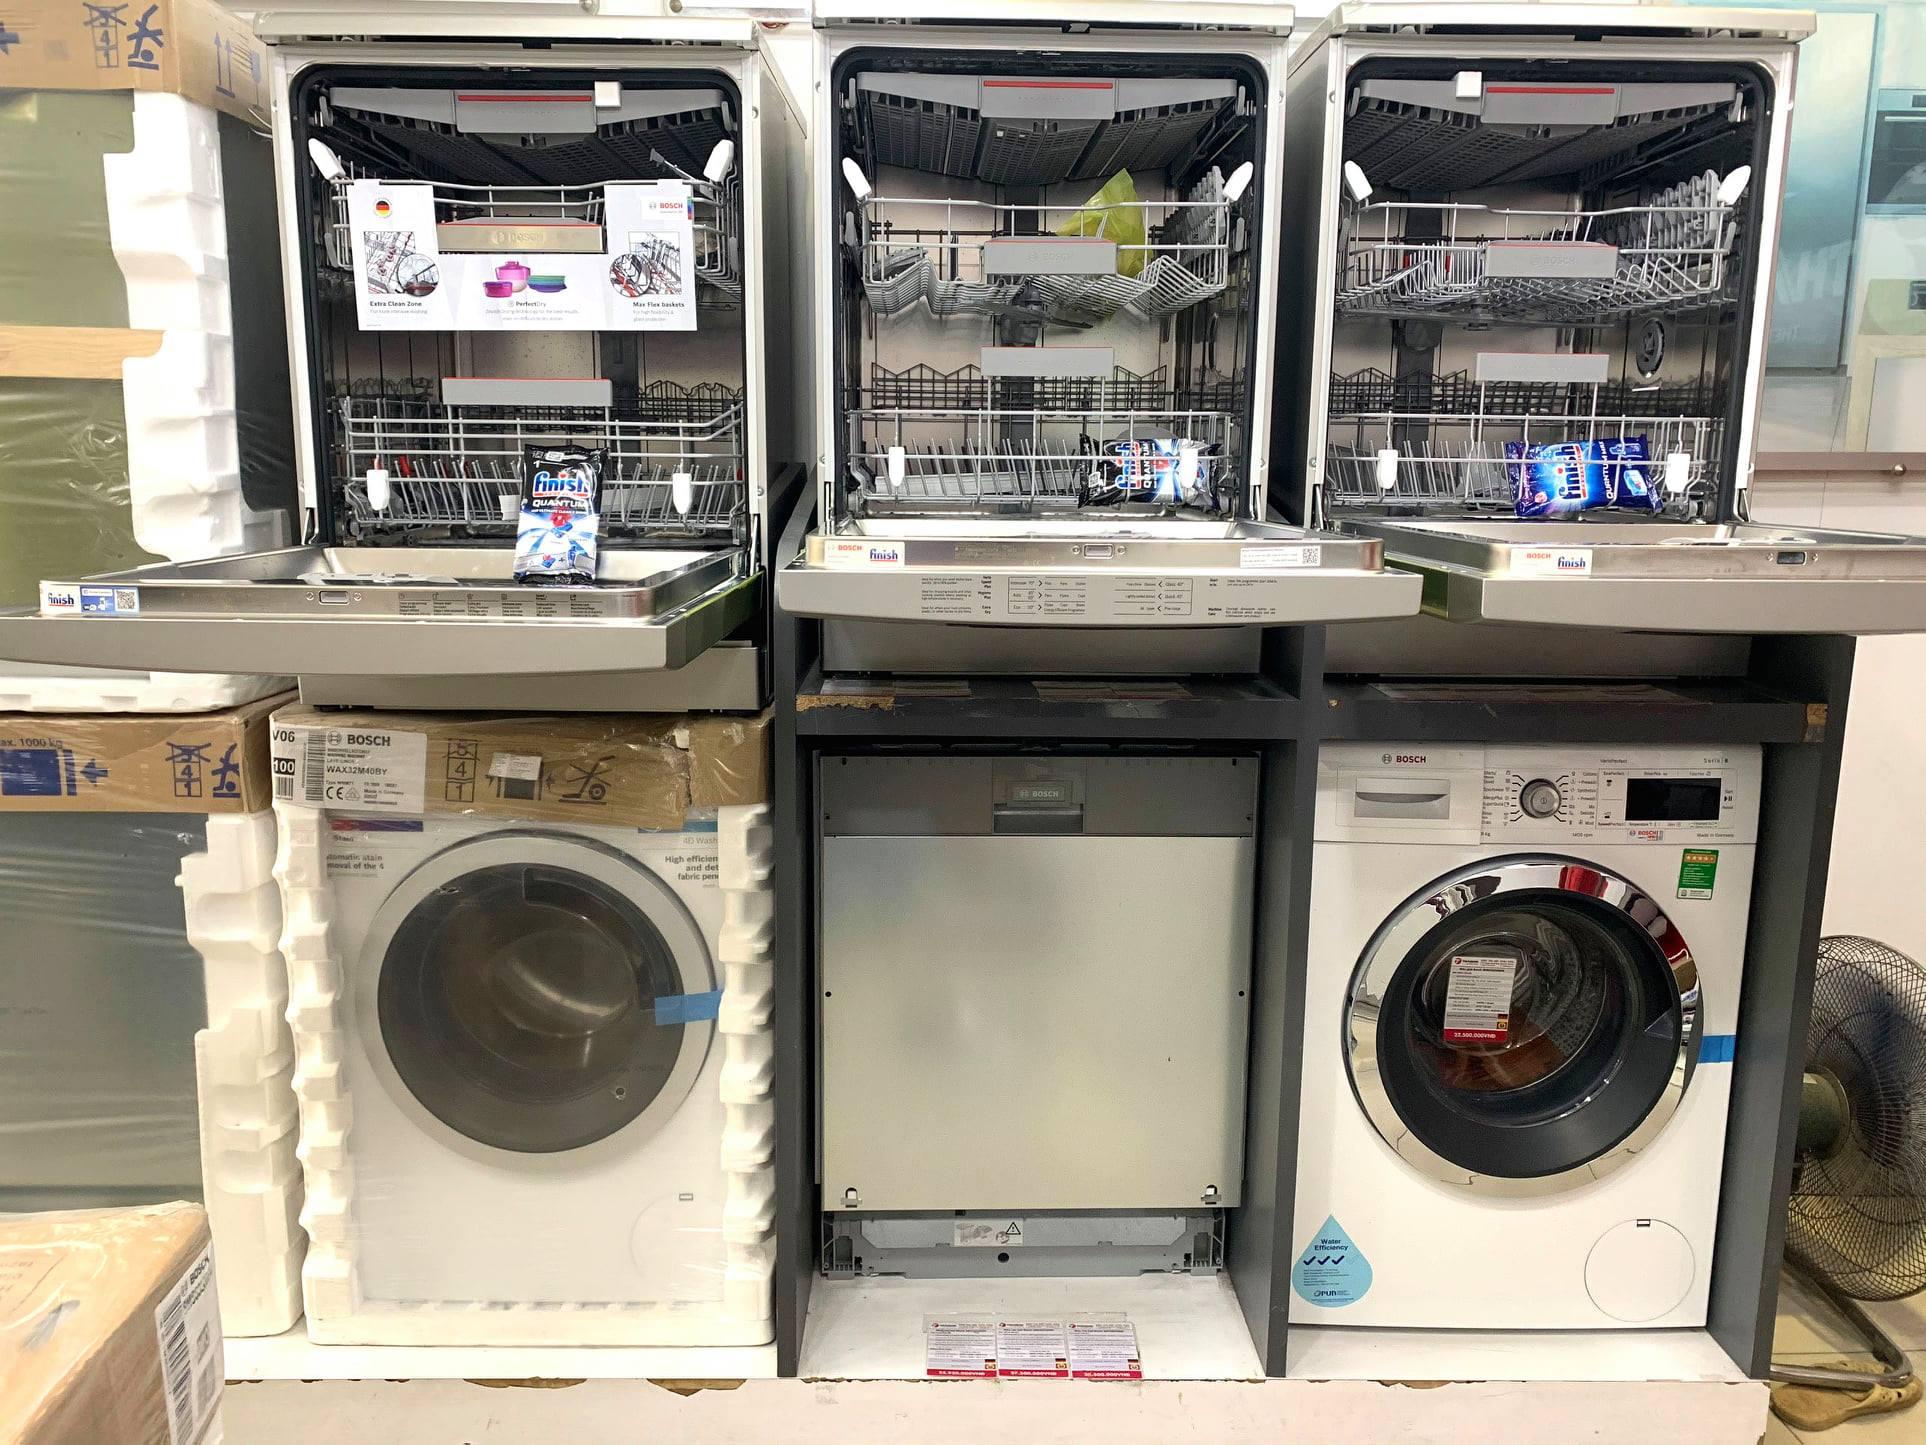 Máy rửa bát Bosch có sẵn tại Bếp Thái Sơn.